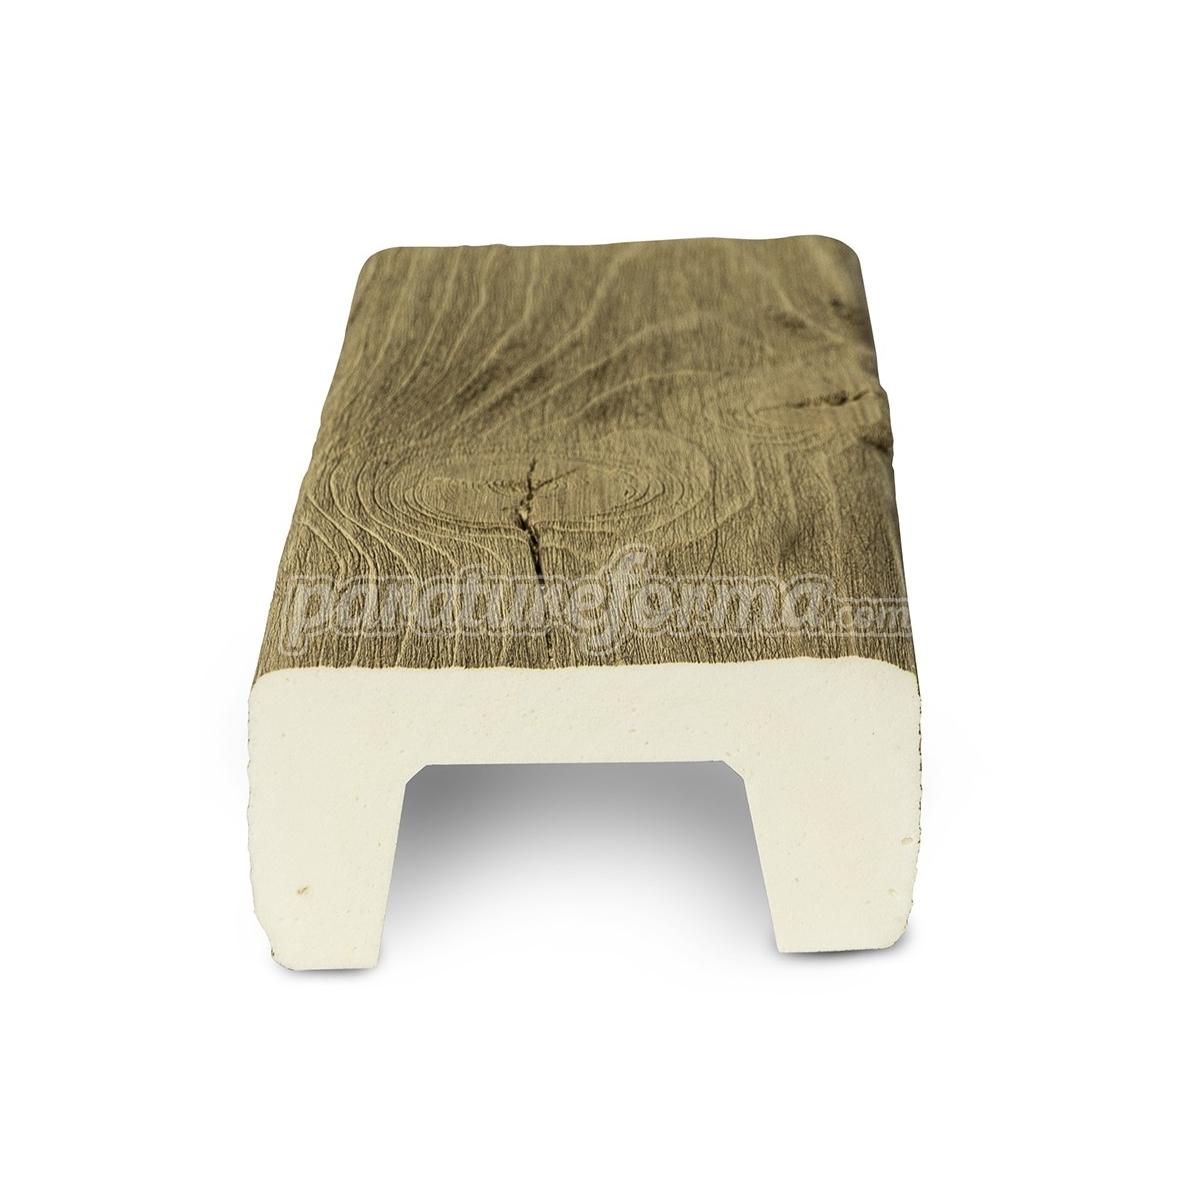 Vigas imitación madera cuadradas Grupo Unamacor Viga imitación a madera de poliuretano al mejor precio